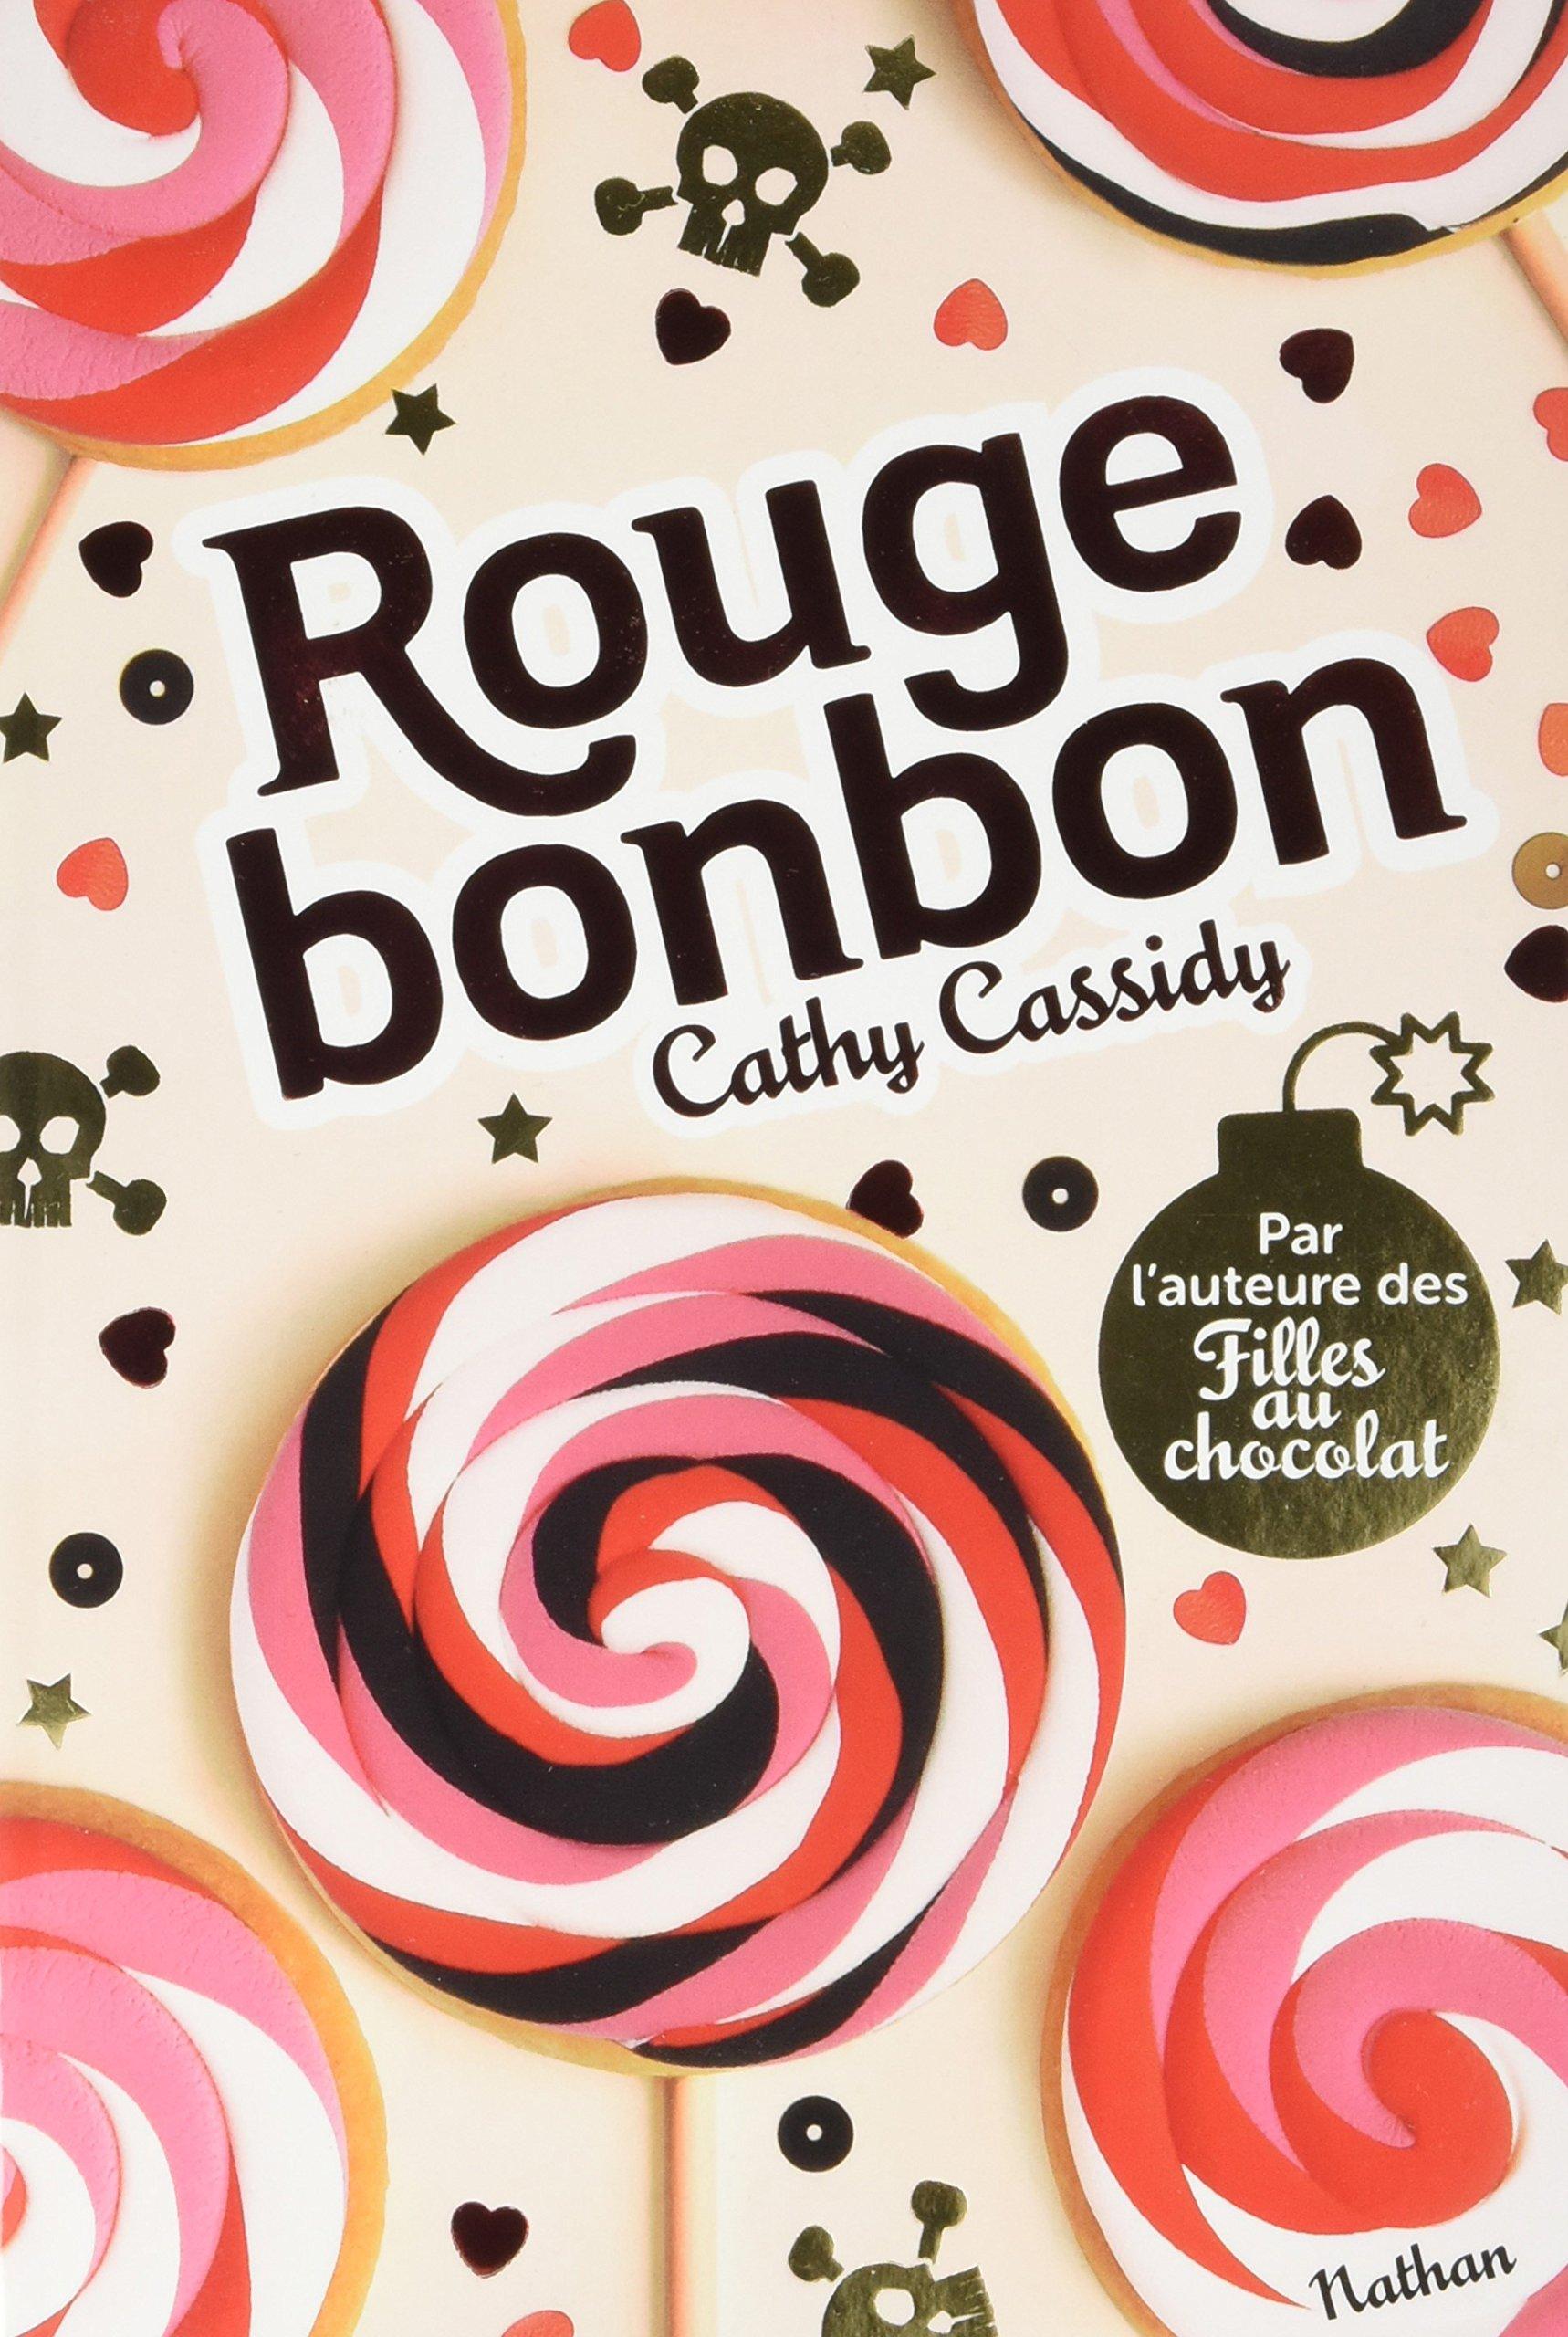 Rouge bonbon : Le nouveau roman de Cathy Cassidy